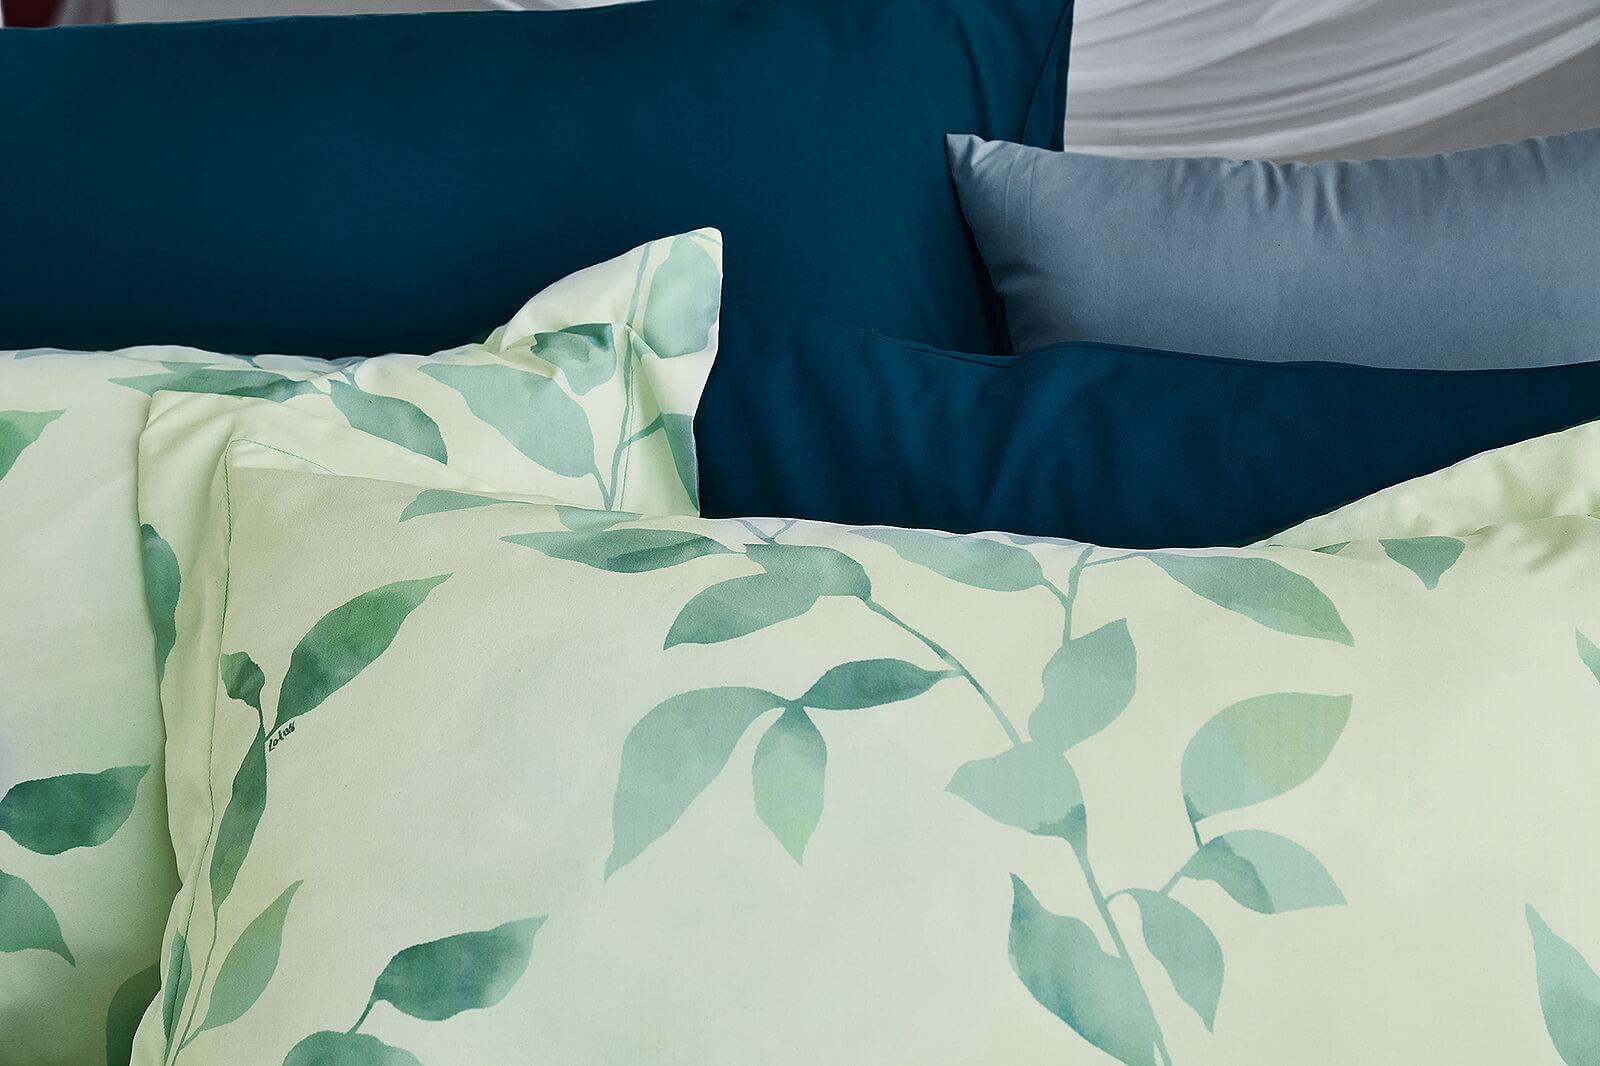 Lotus รุ่น Impression ชุดผ้าปูที่นอน LI-059